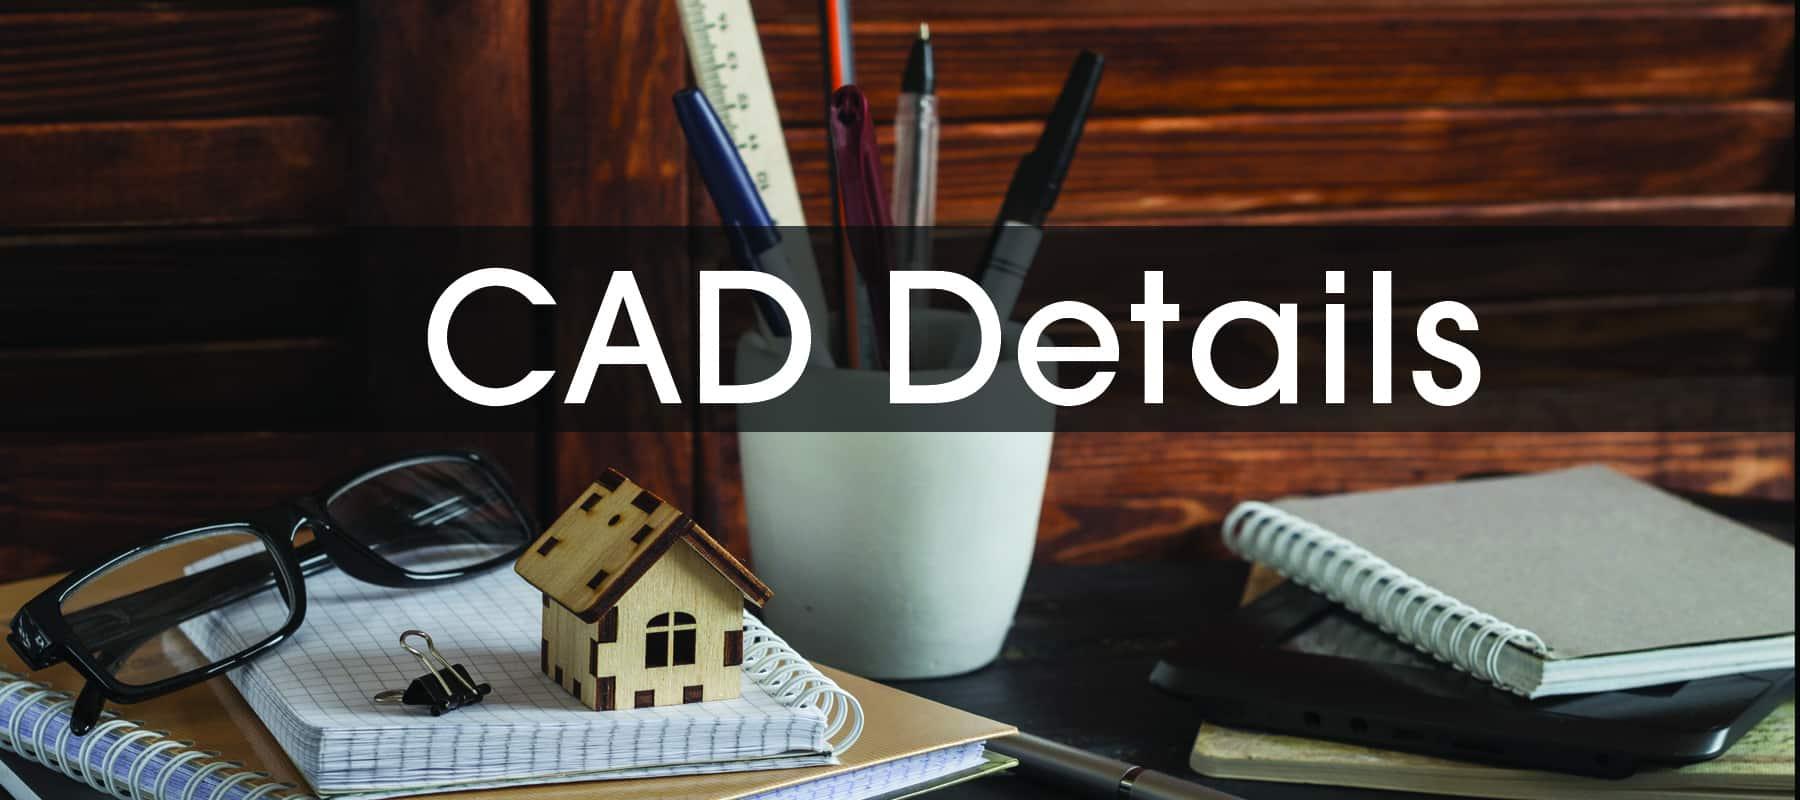 KWP CAD Details